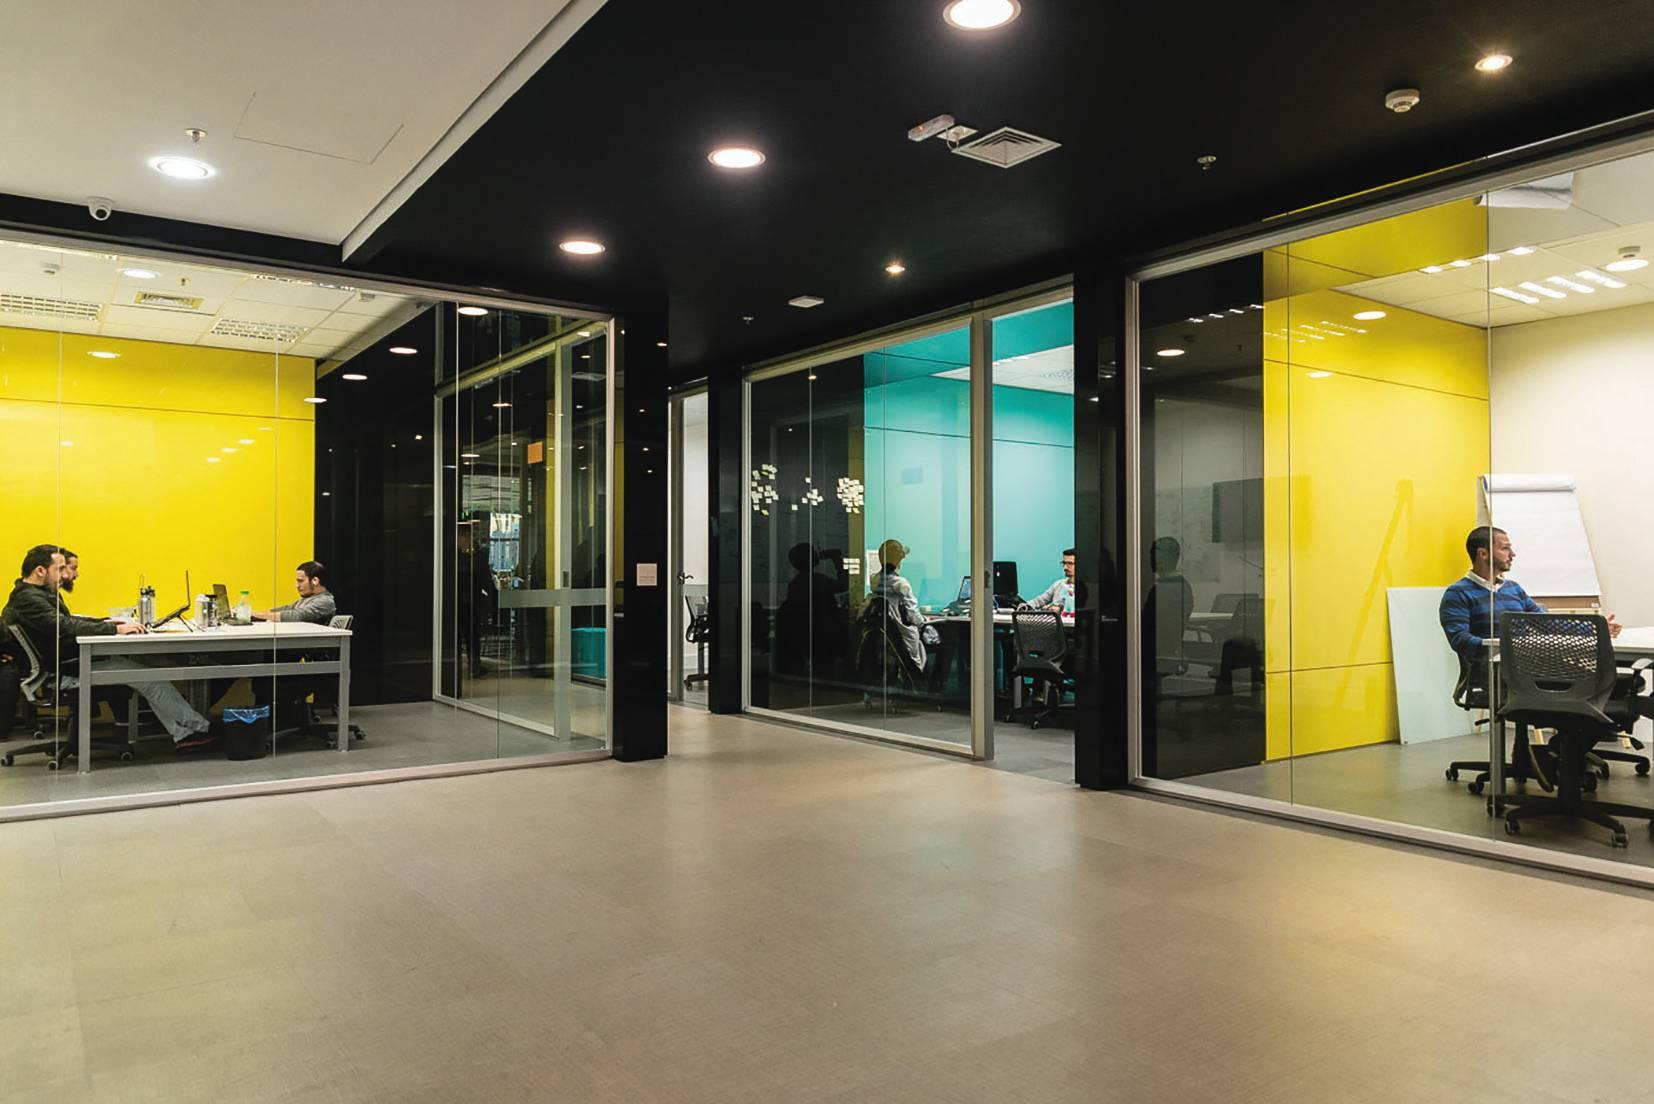 Distrito CWB, que funciona no prédio da FAE, liga as demandas das corporações tradicionais às inovações digitais.